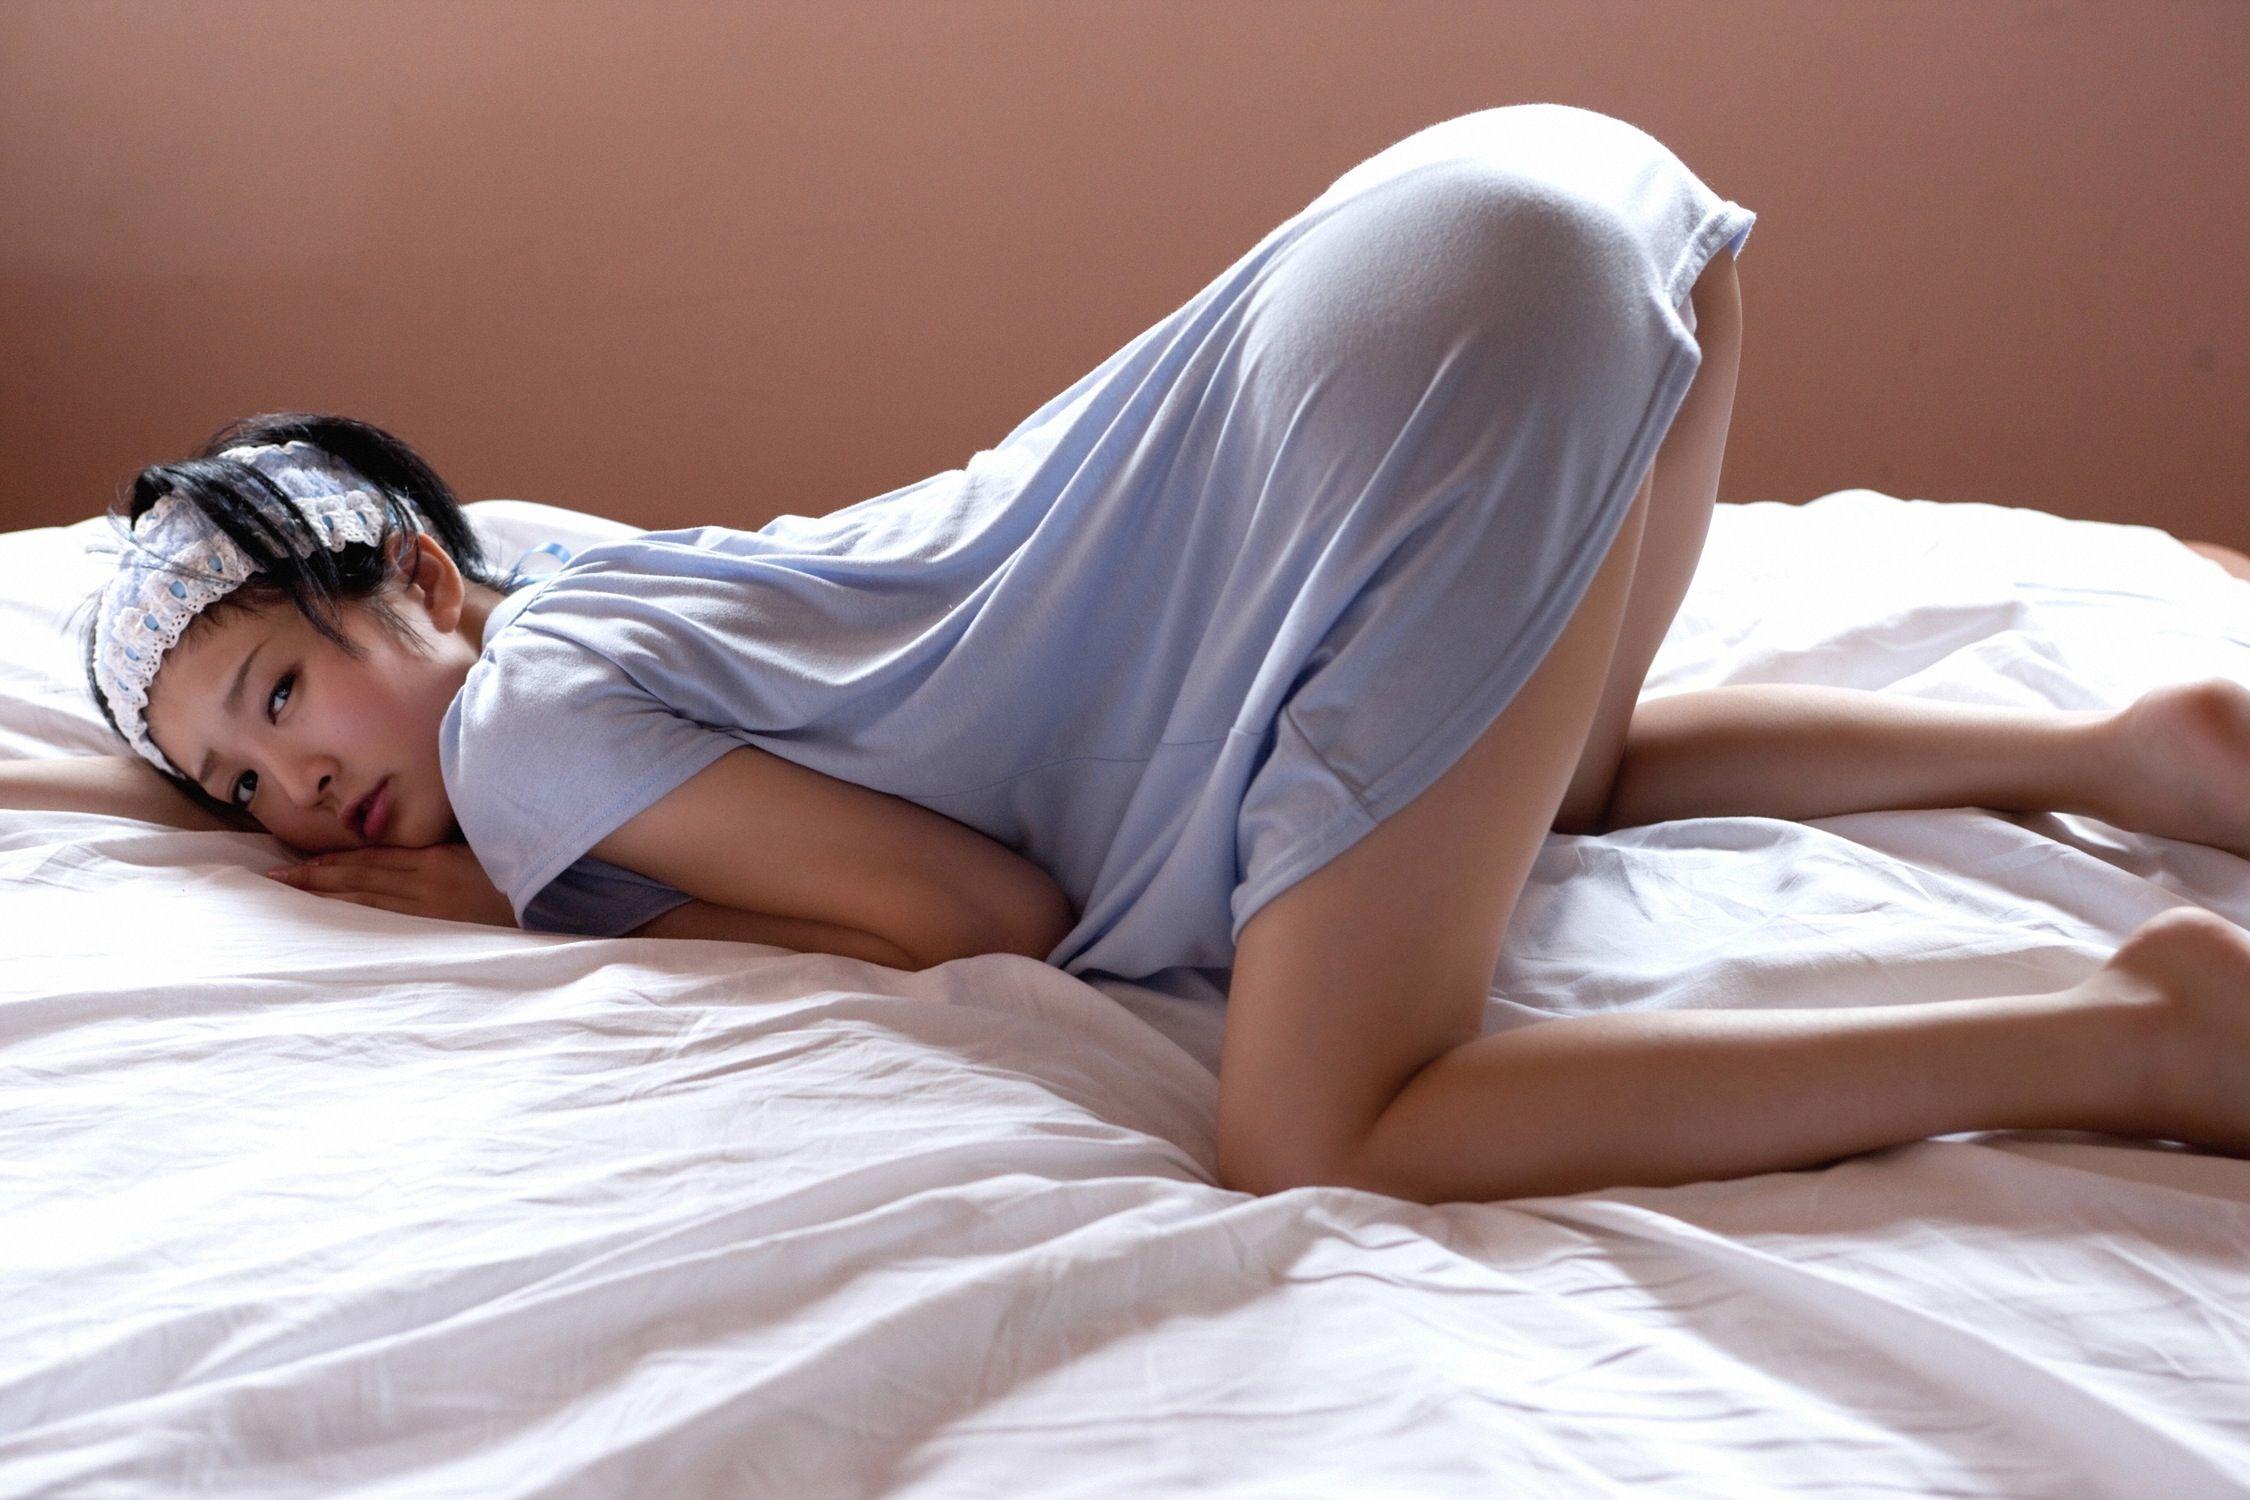 фото женских половых органов в позе рака